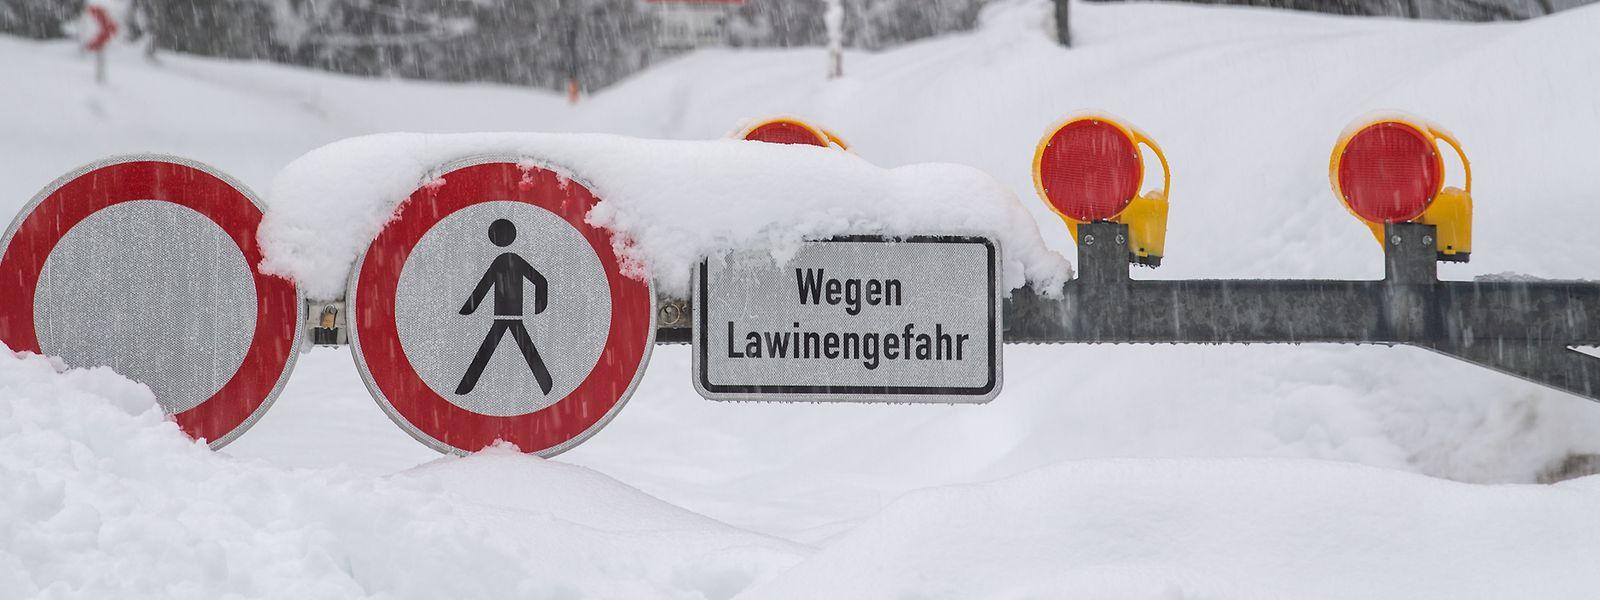 Trotz Warnungen riskieren immer noch Skifahrer ihr Leben.